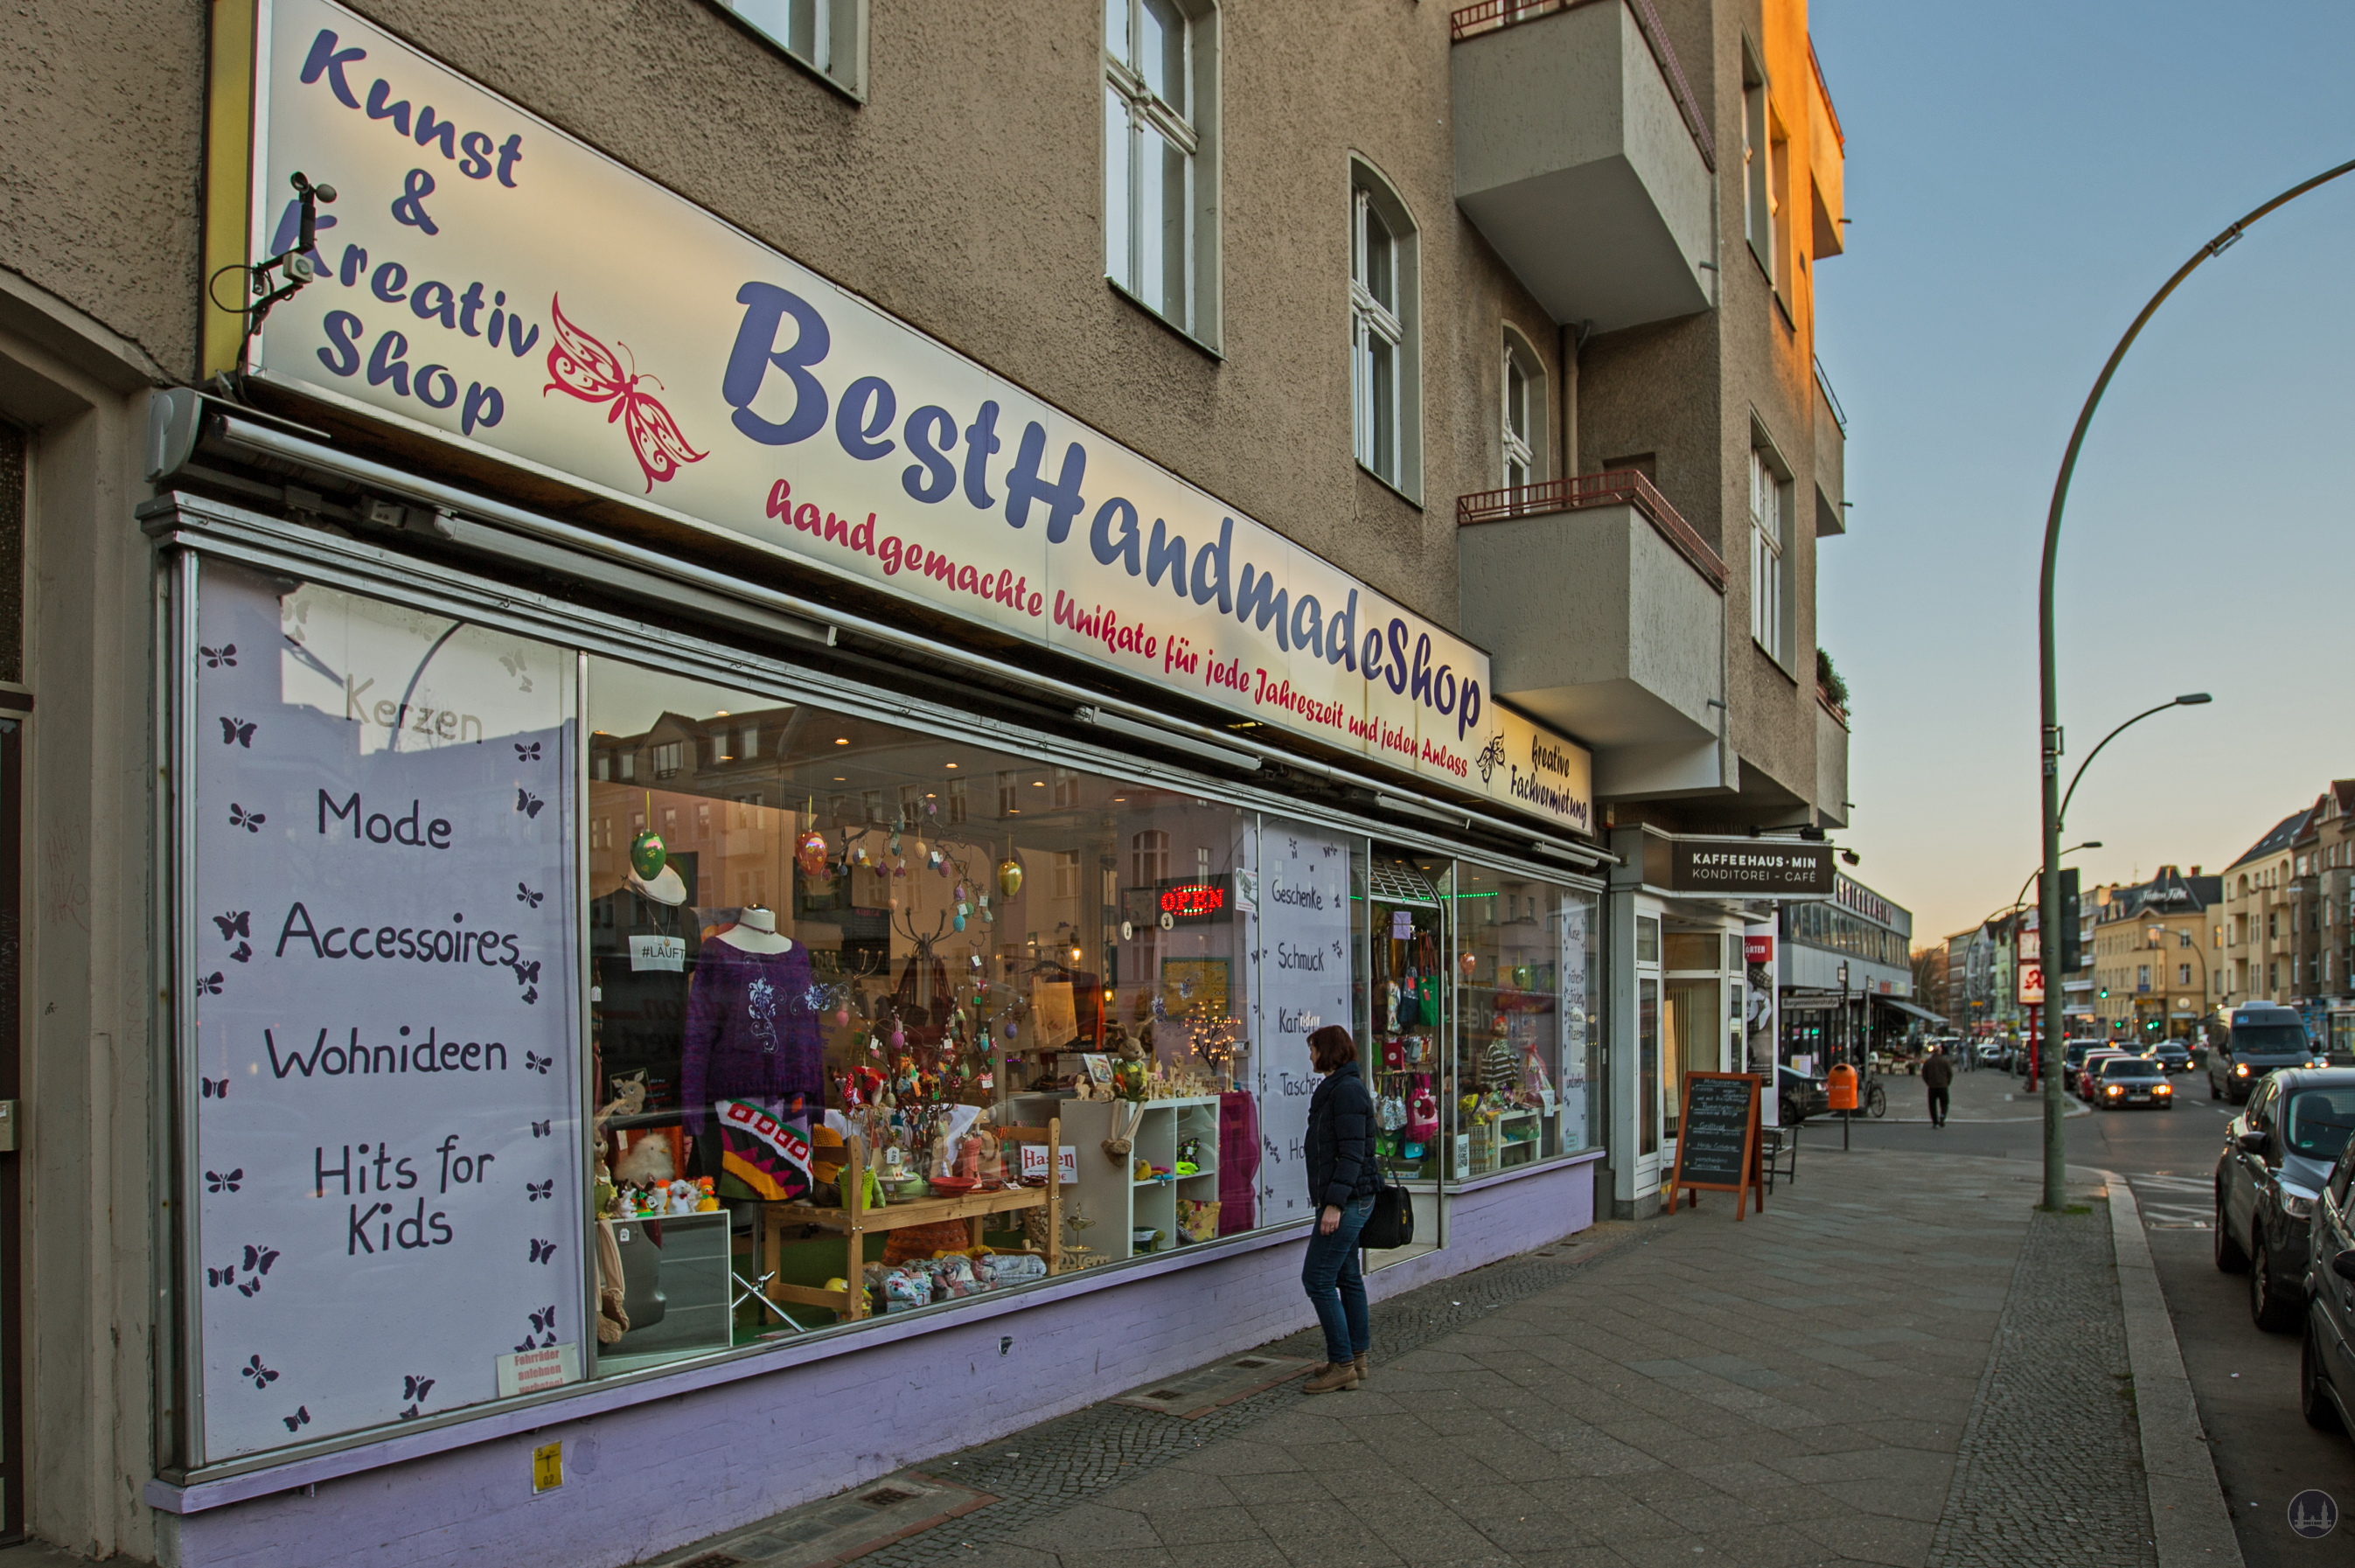 Der BestHandmadeShop am Tempelhofer Damm. Blick auf das Schaufenster.